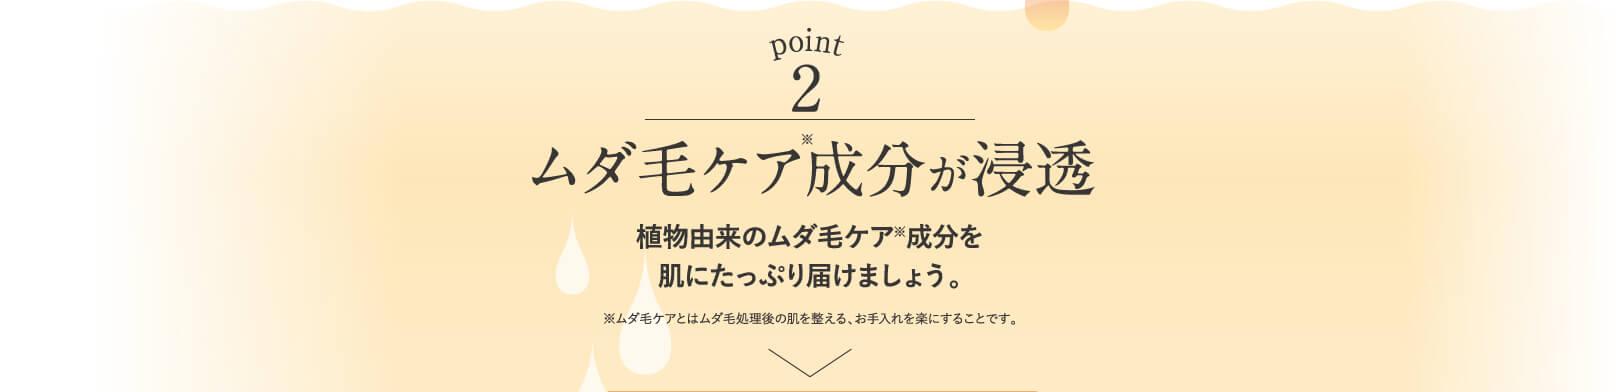 point2 ムダ毛ケア成分が浸透